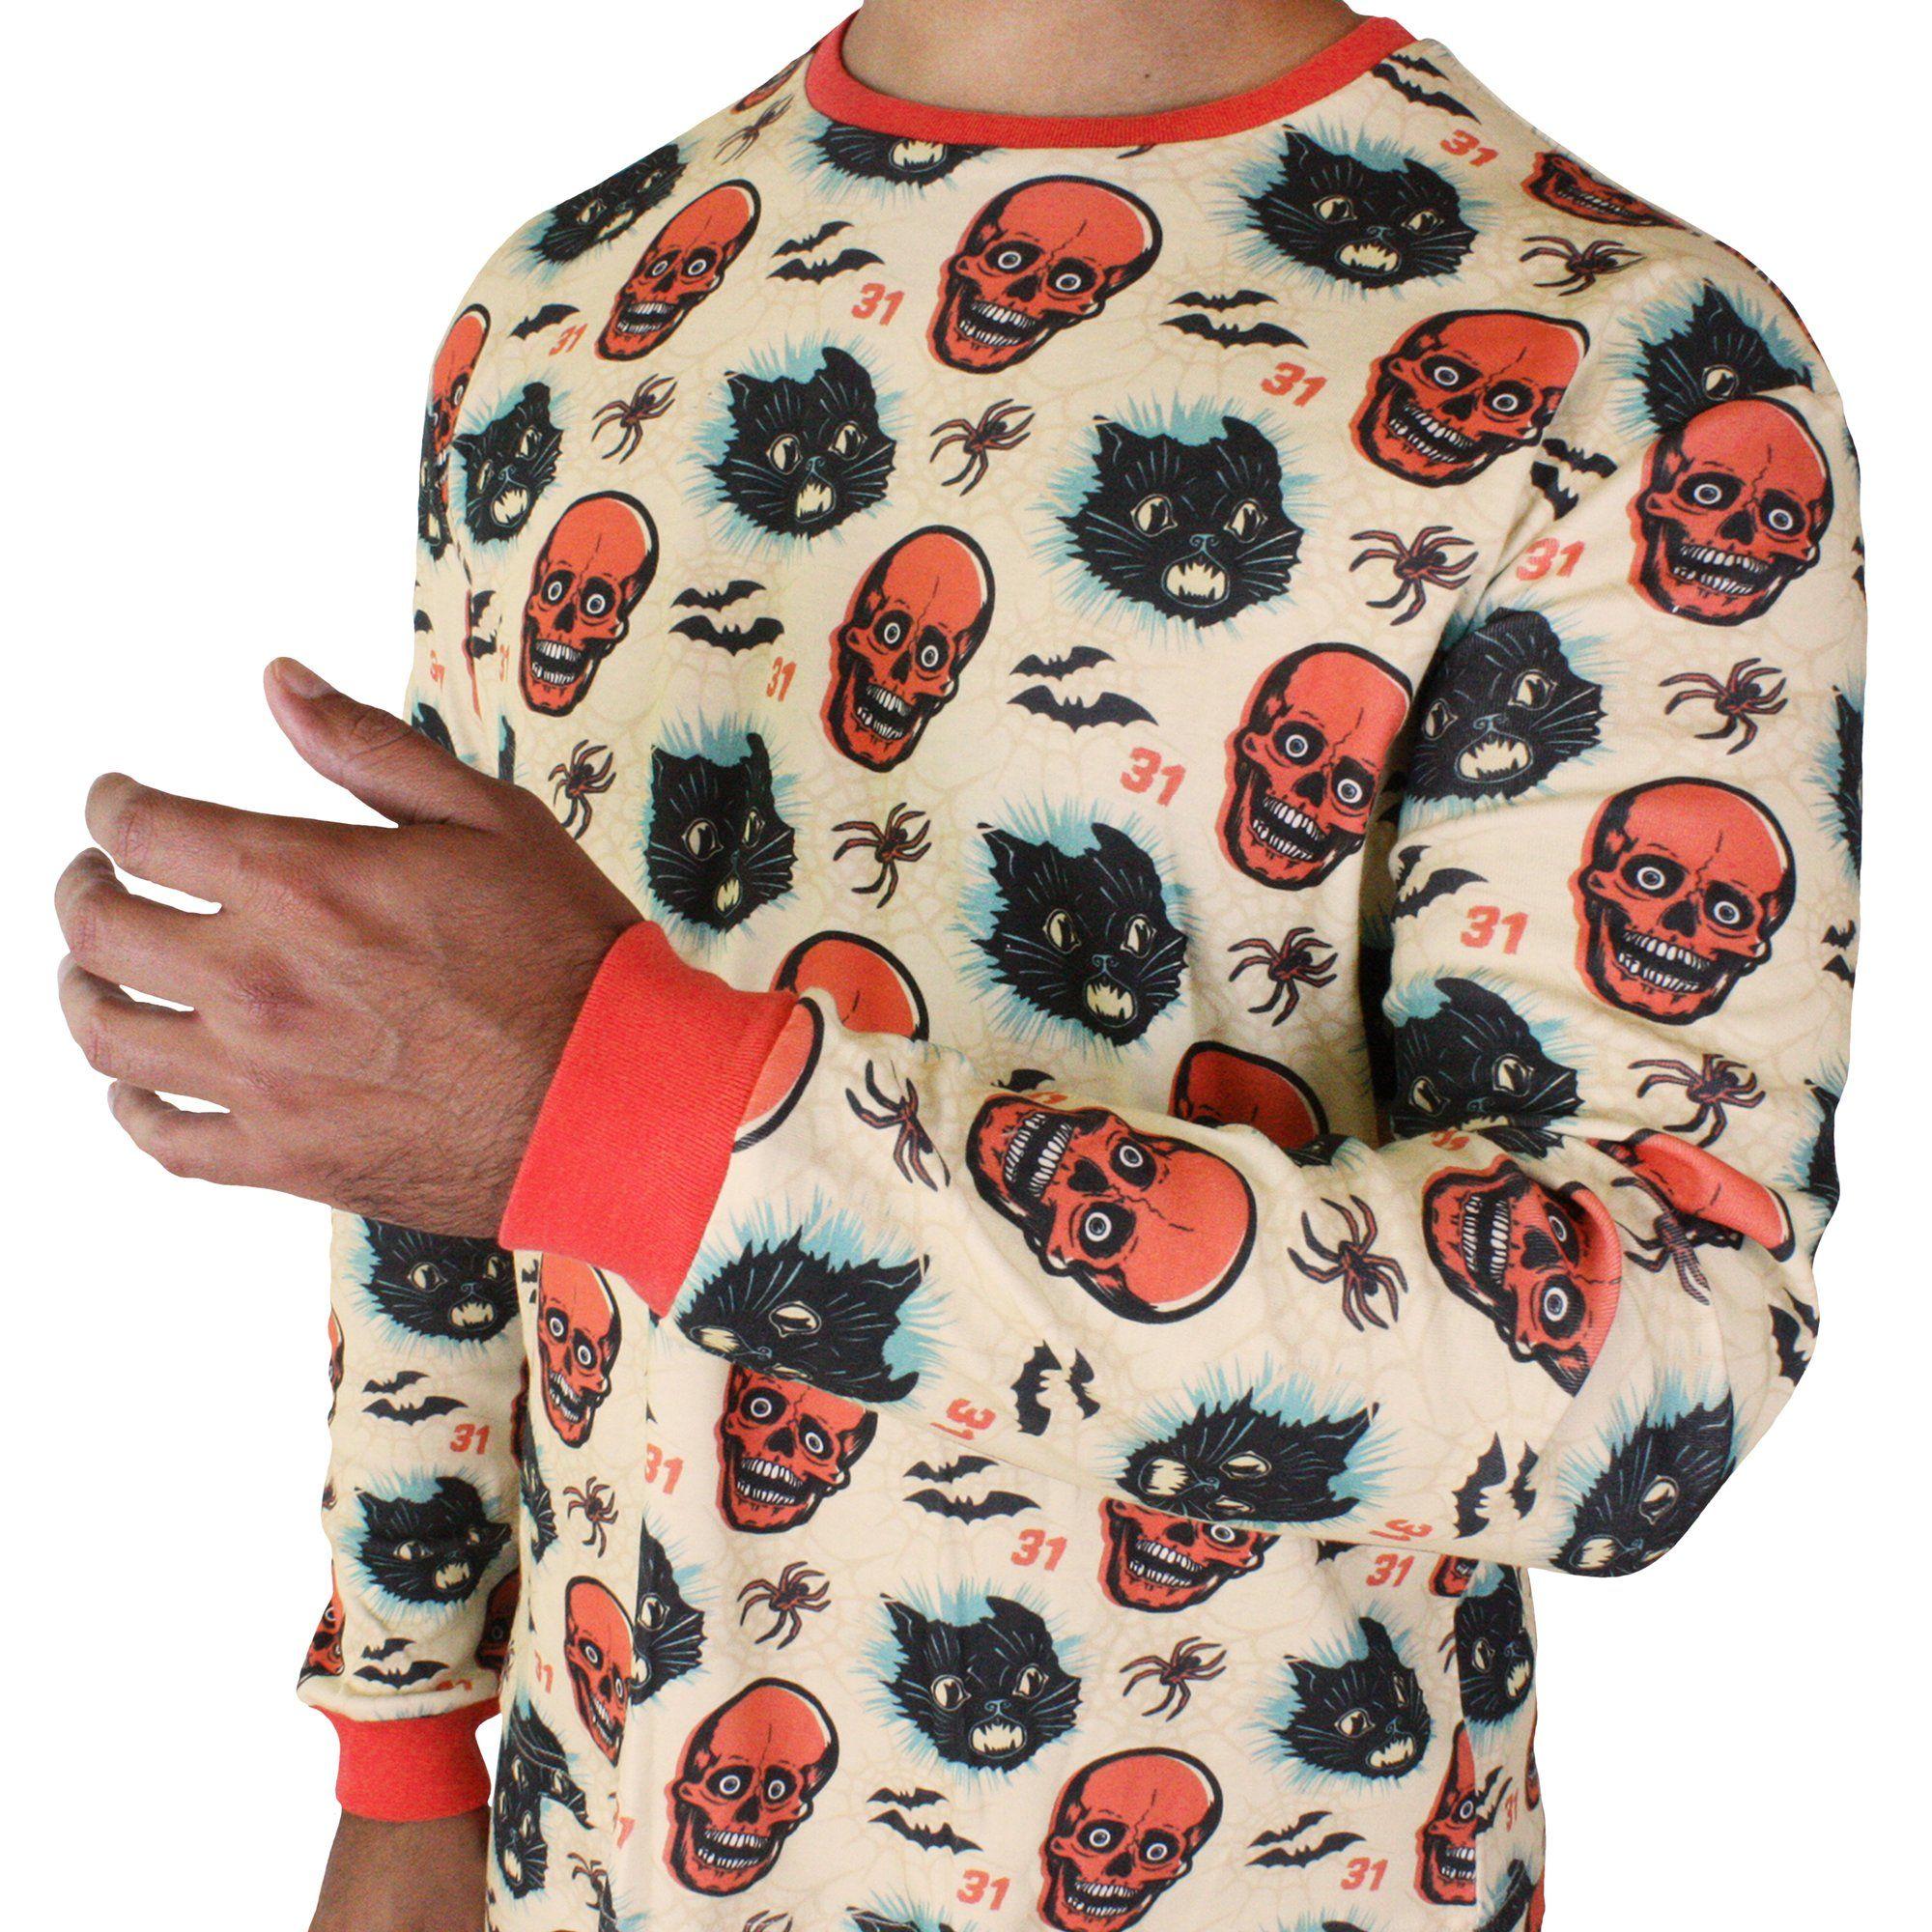 Beistle® Simply Spooky Pajama Set in 2020 Pajama set